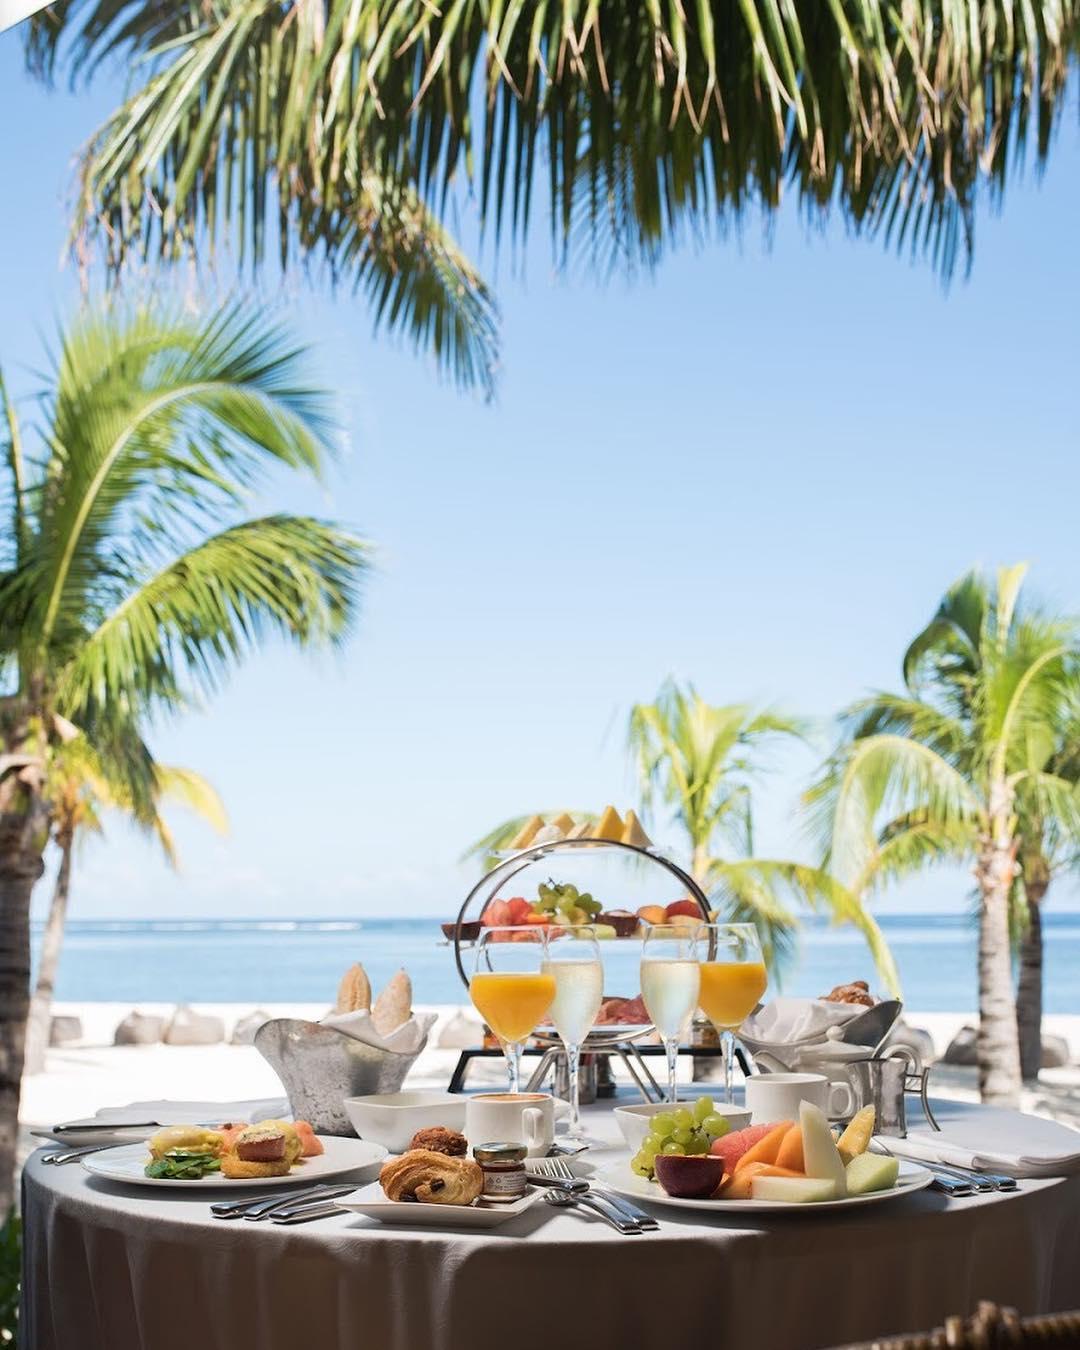 Mauritius Most Romantic Destinations